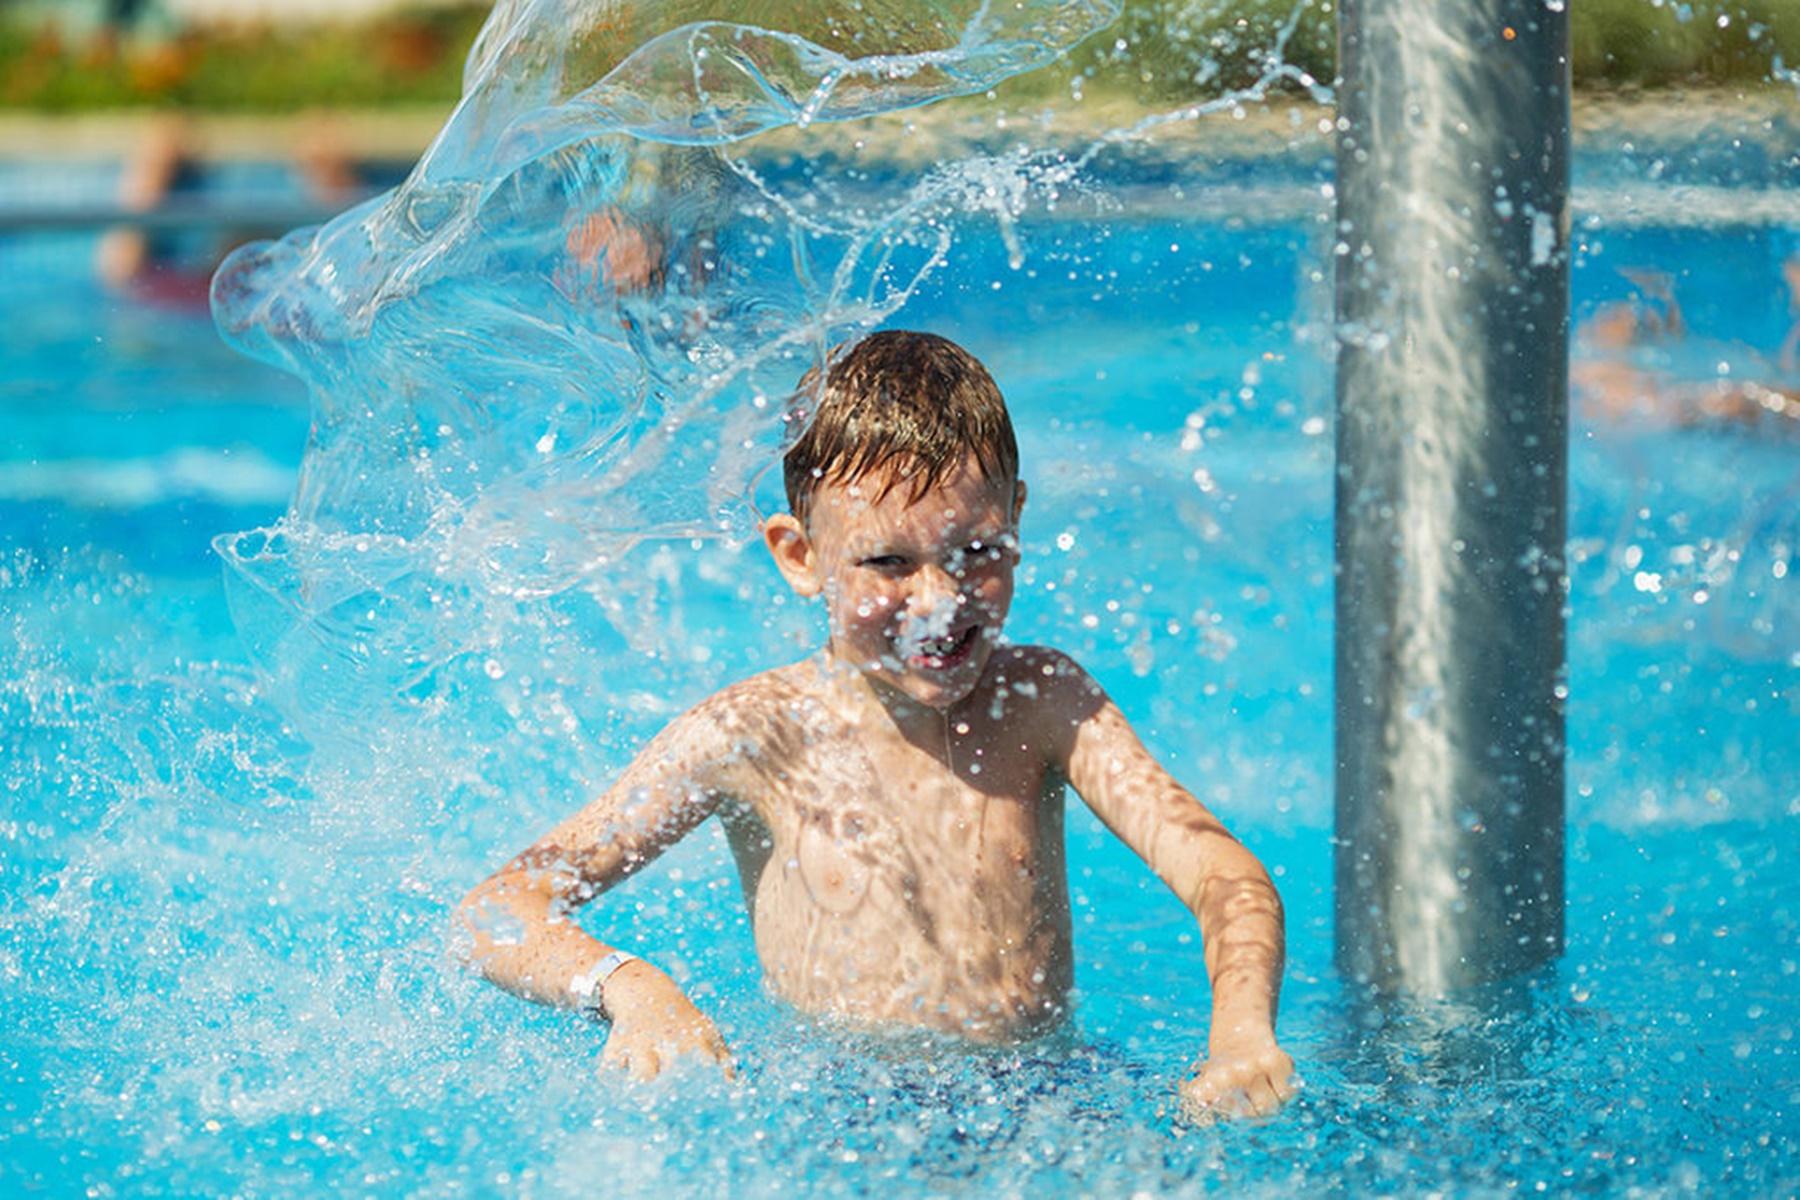 Παιδιά πισίνα : Δροσίστε τα στην ασφάλεια του σπιτιού